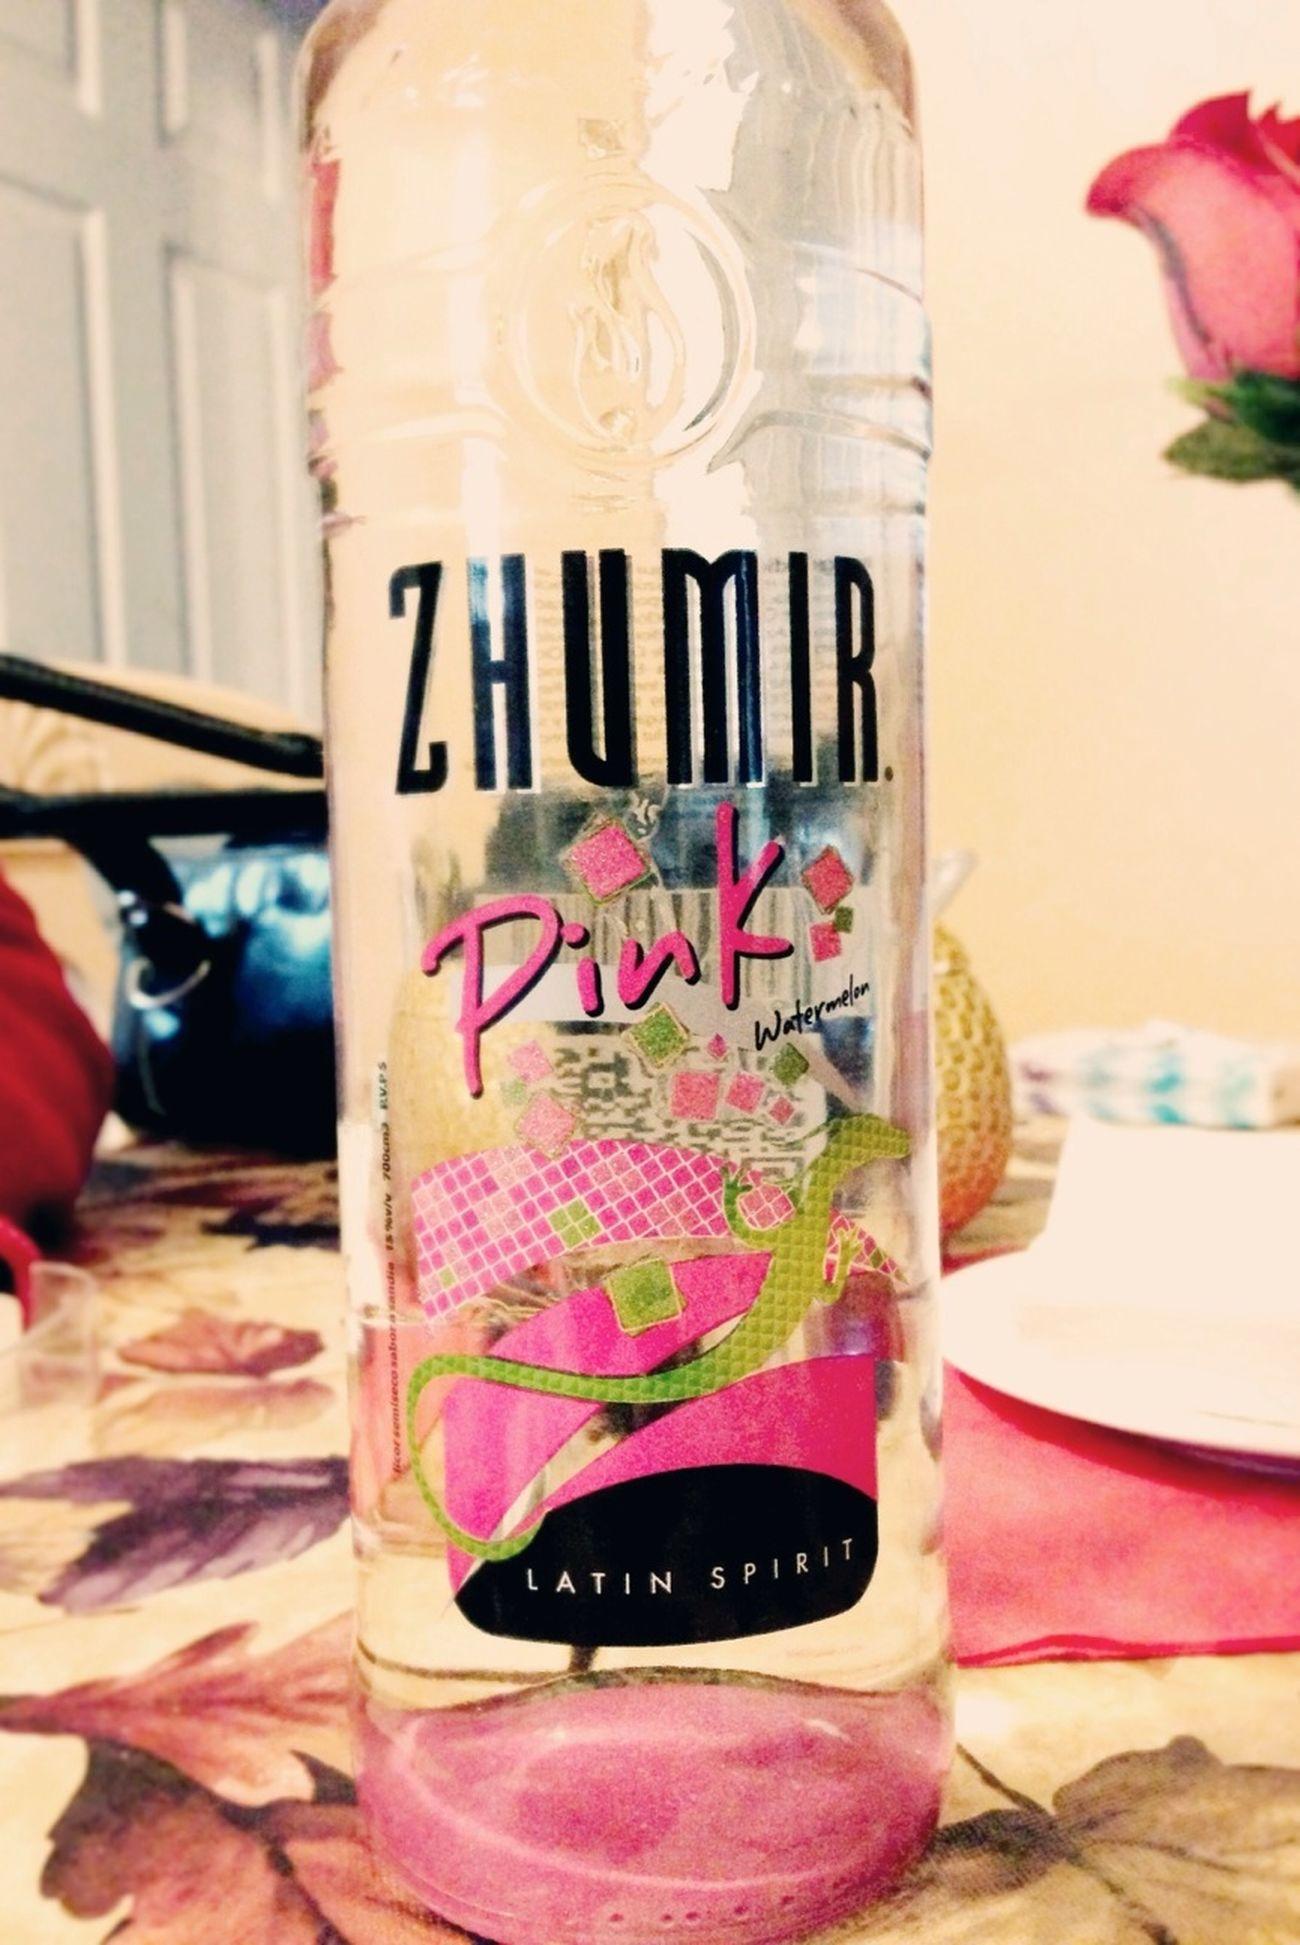 Zhumir